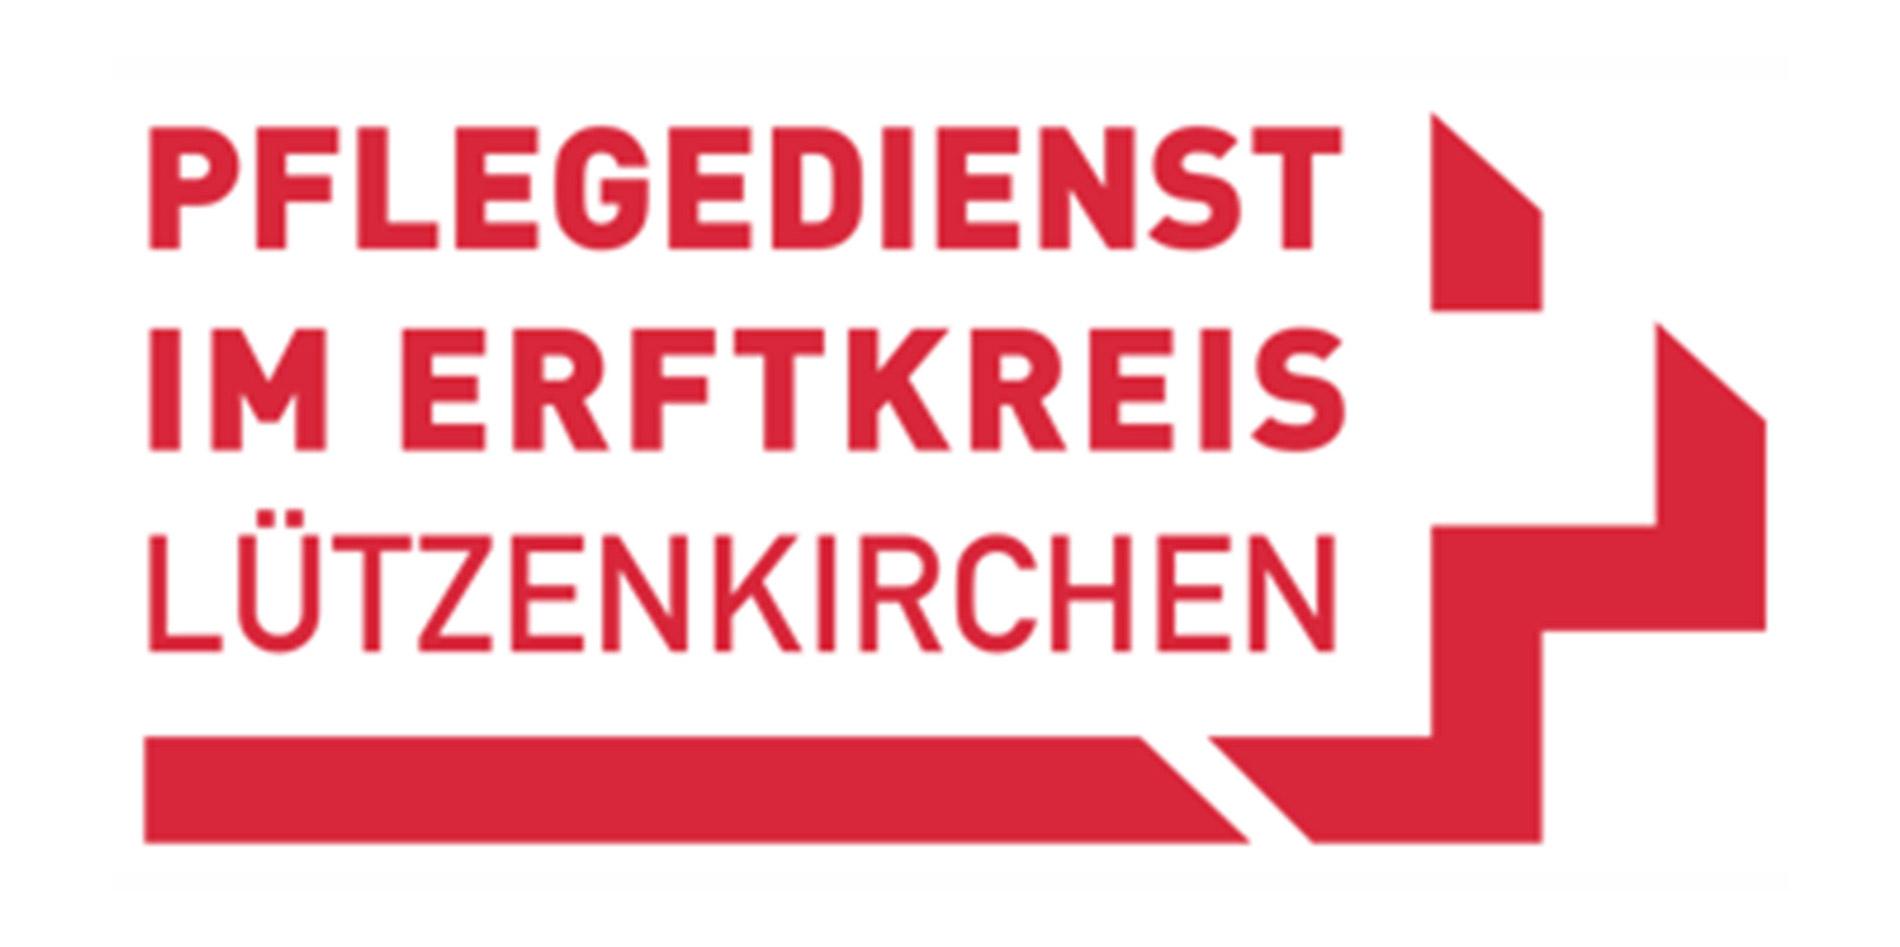 Pflegedienst Rhein Erft Lützenkirchen